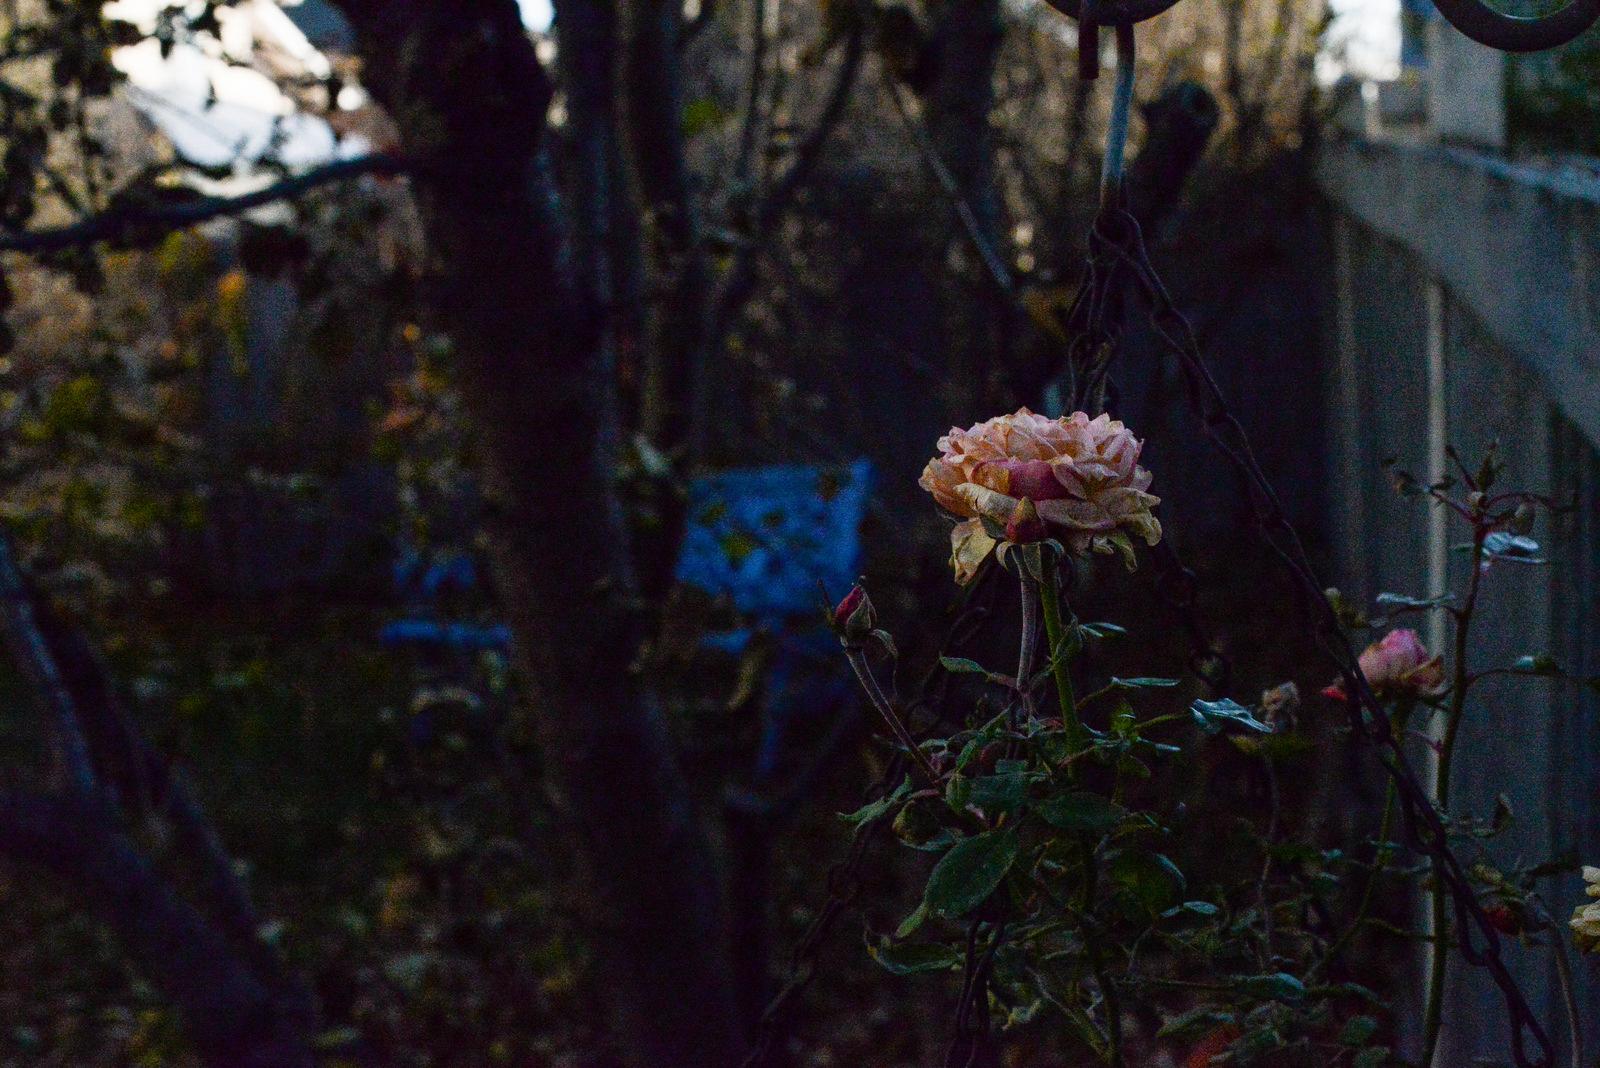 rose in autumn light